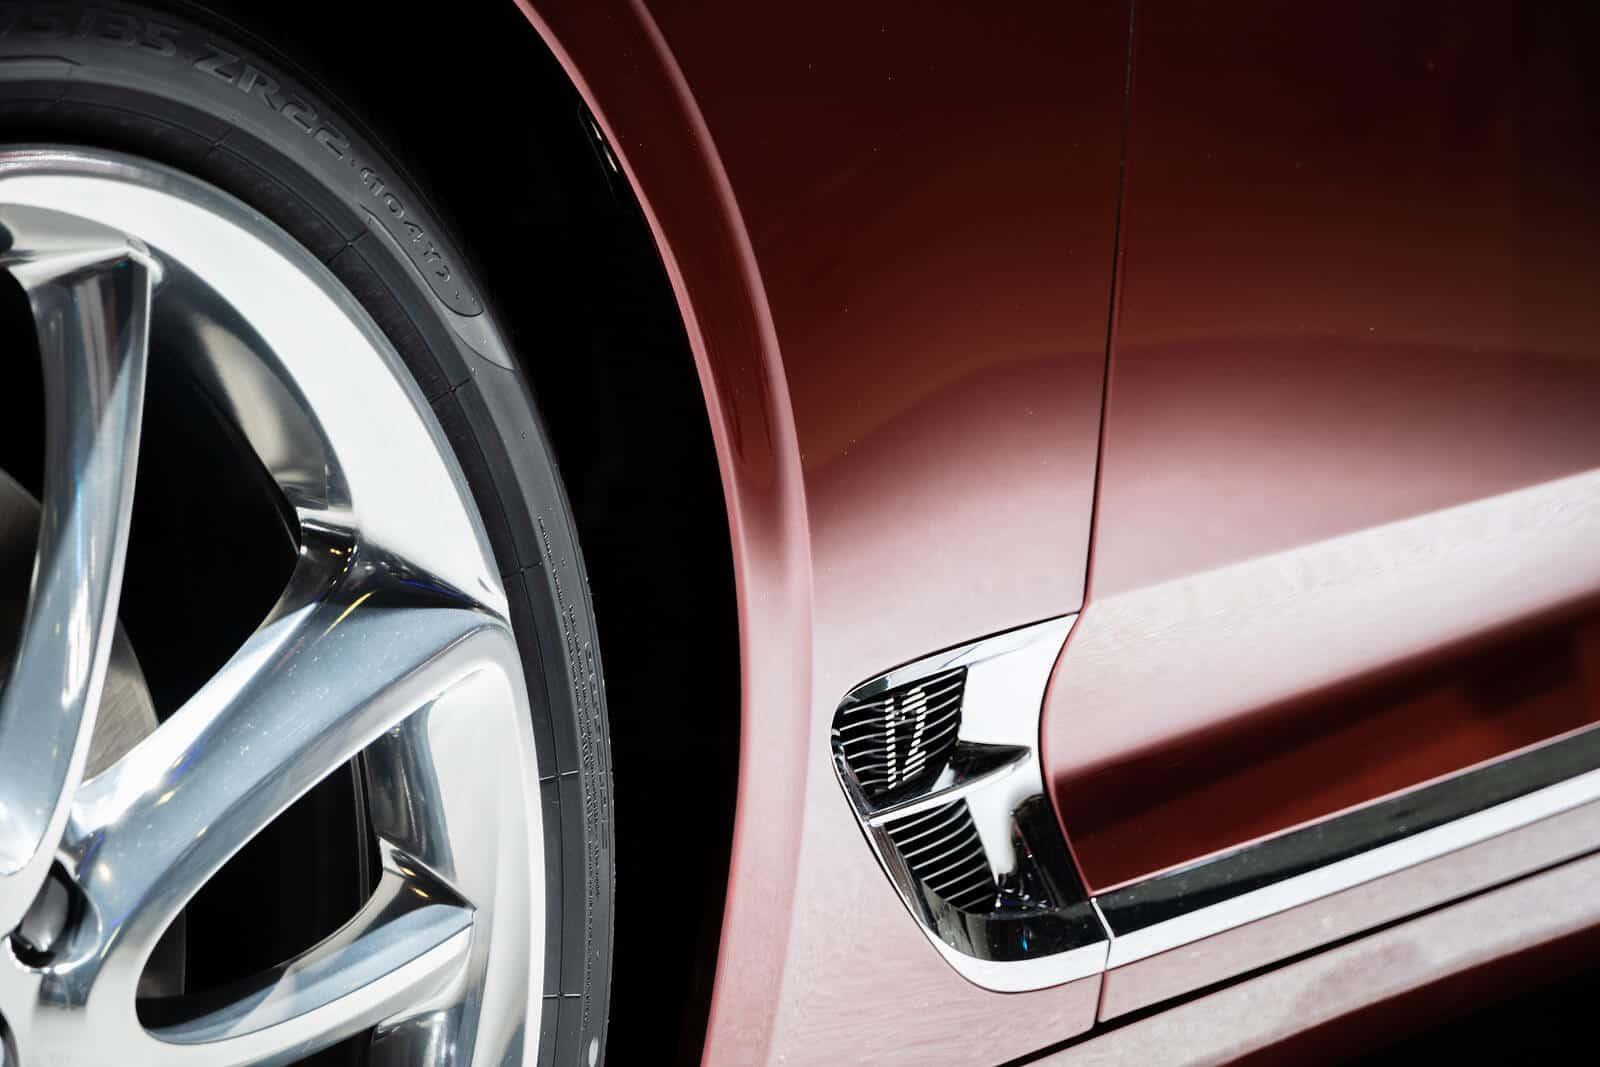 Wheel and body of Bentley